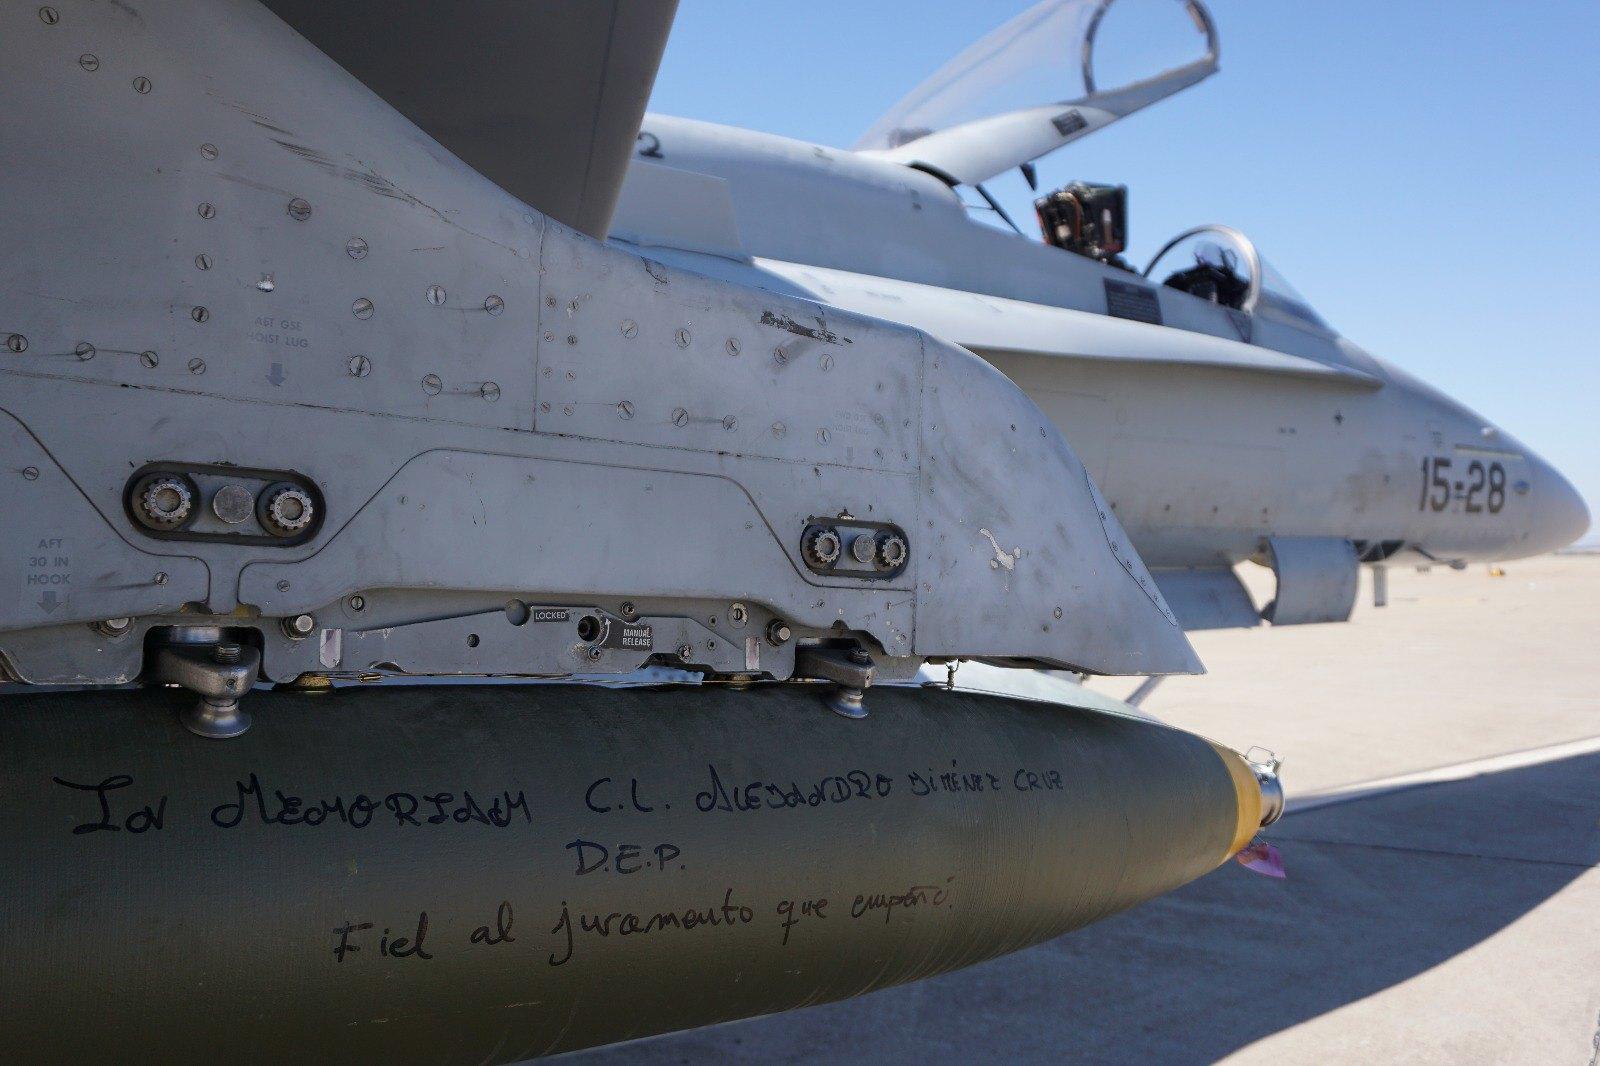 F-18 del Ala 15 cargado con una bomba real que homenajea al caballero legionario fallecido en un ejercicio en Alicante